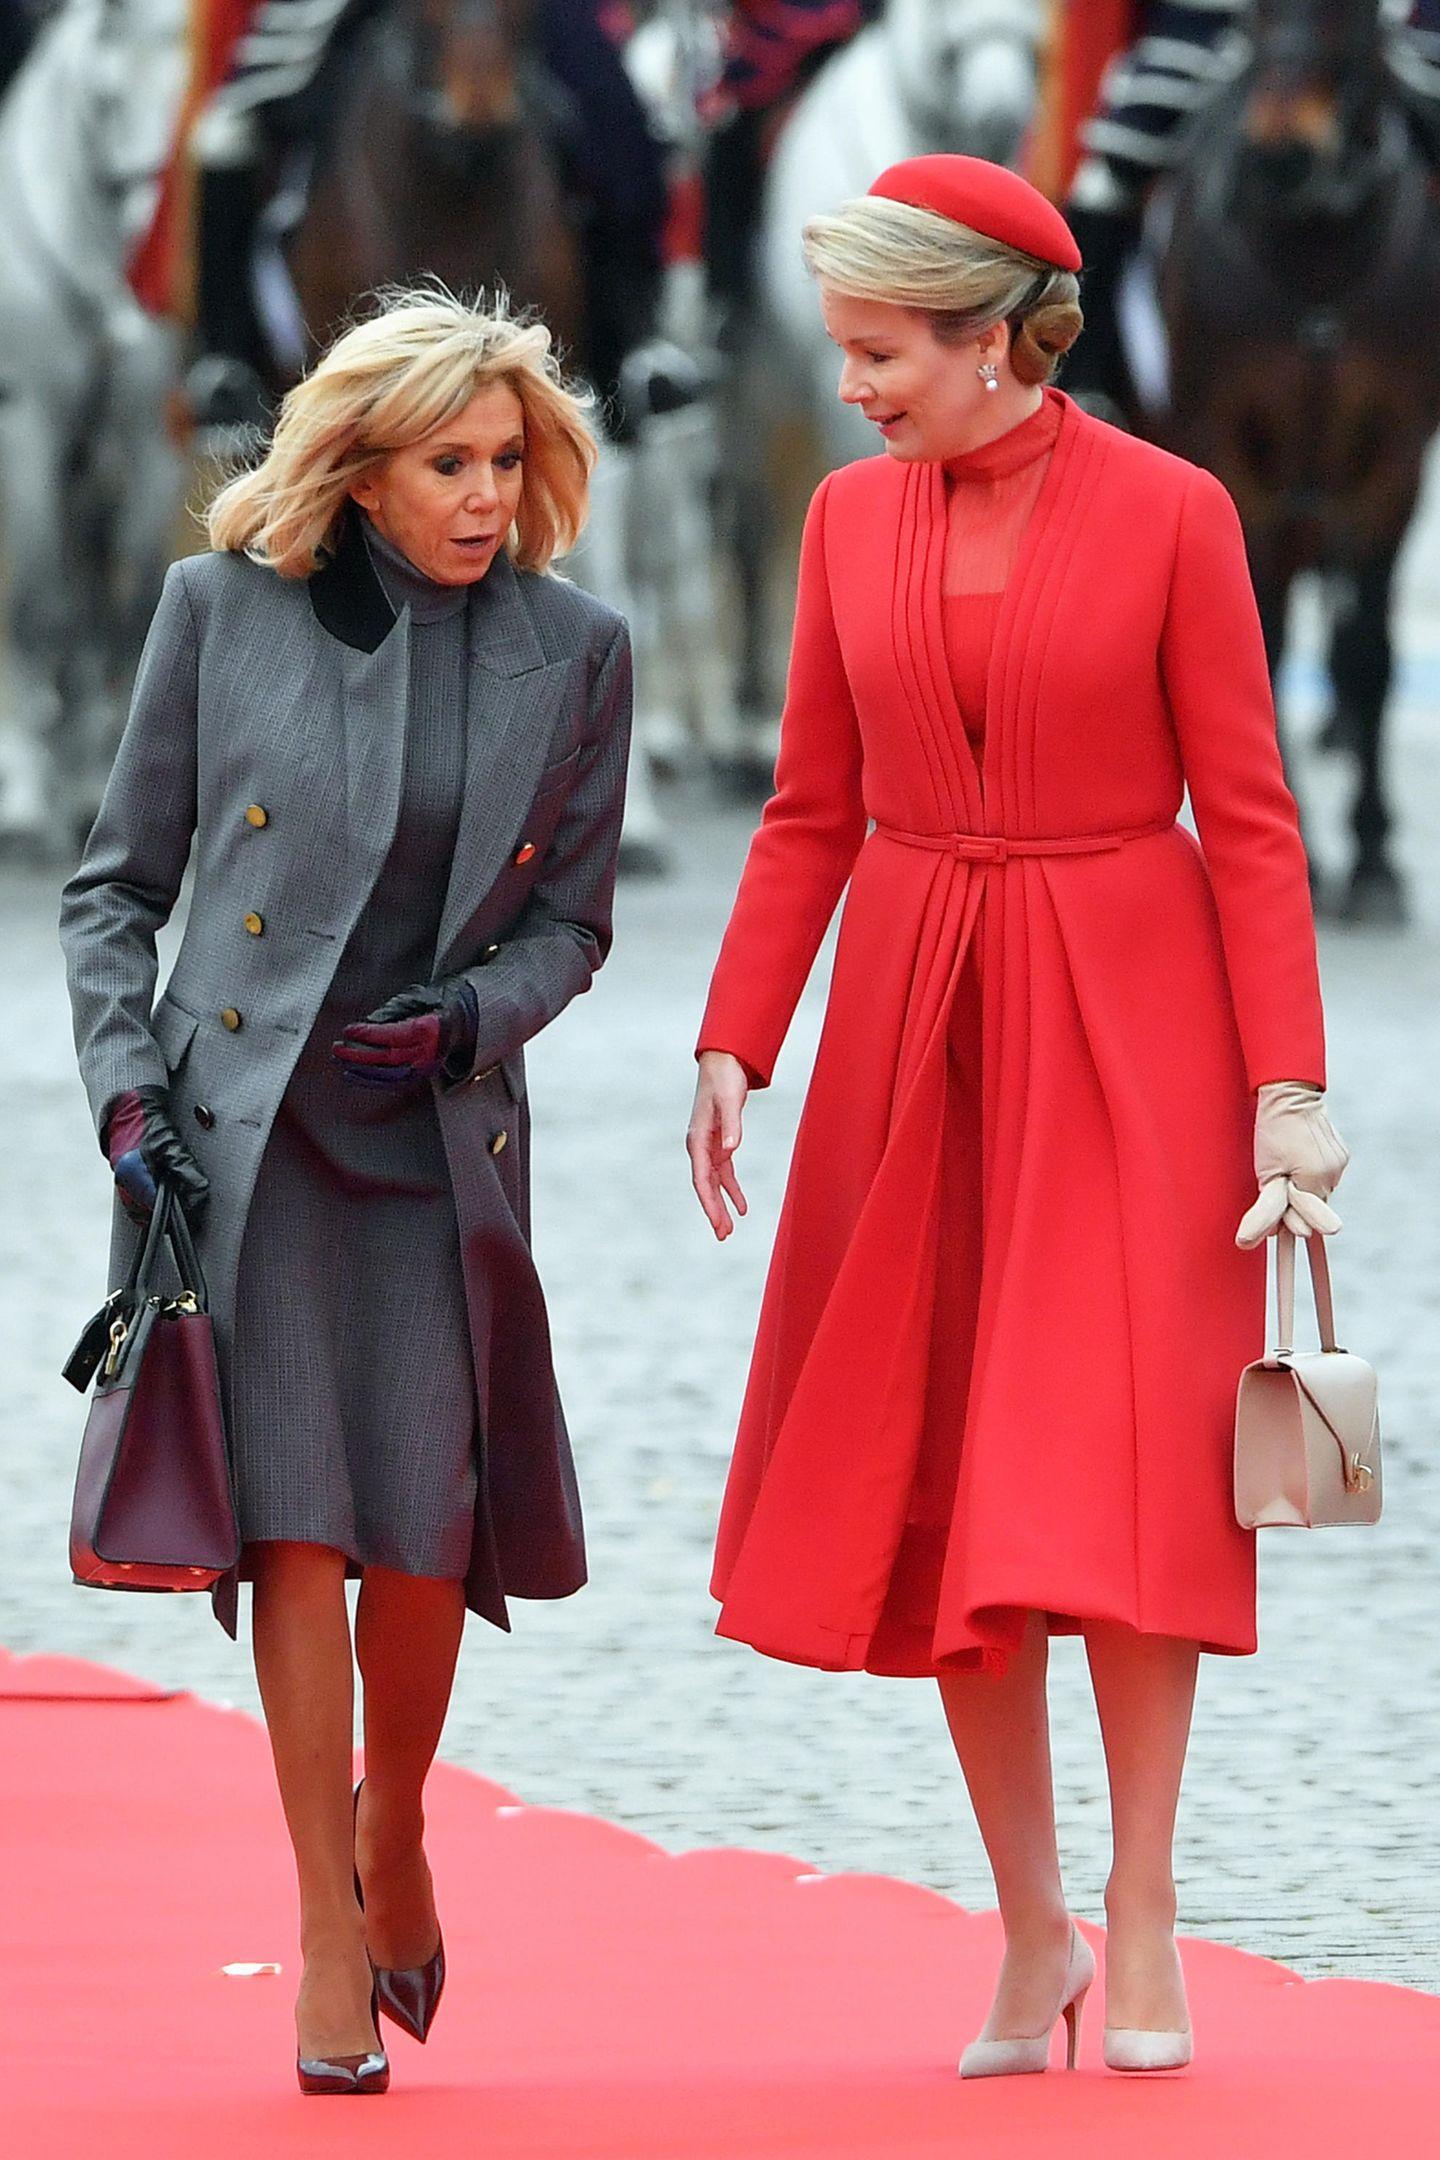 Raffinierte Details: Auf den ersten Blick geht Brigitte Macron in ihrem grauen Look ein wenig unter neben Königin Mathilde. Doch schaut man genauer hin, lässt sich erkennen, dass der doppelreihige Mantel der First Lady mit bunten Knöpfen besticht.